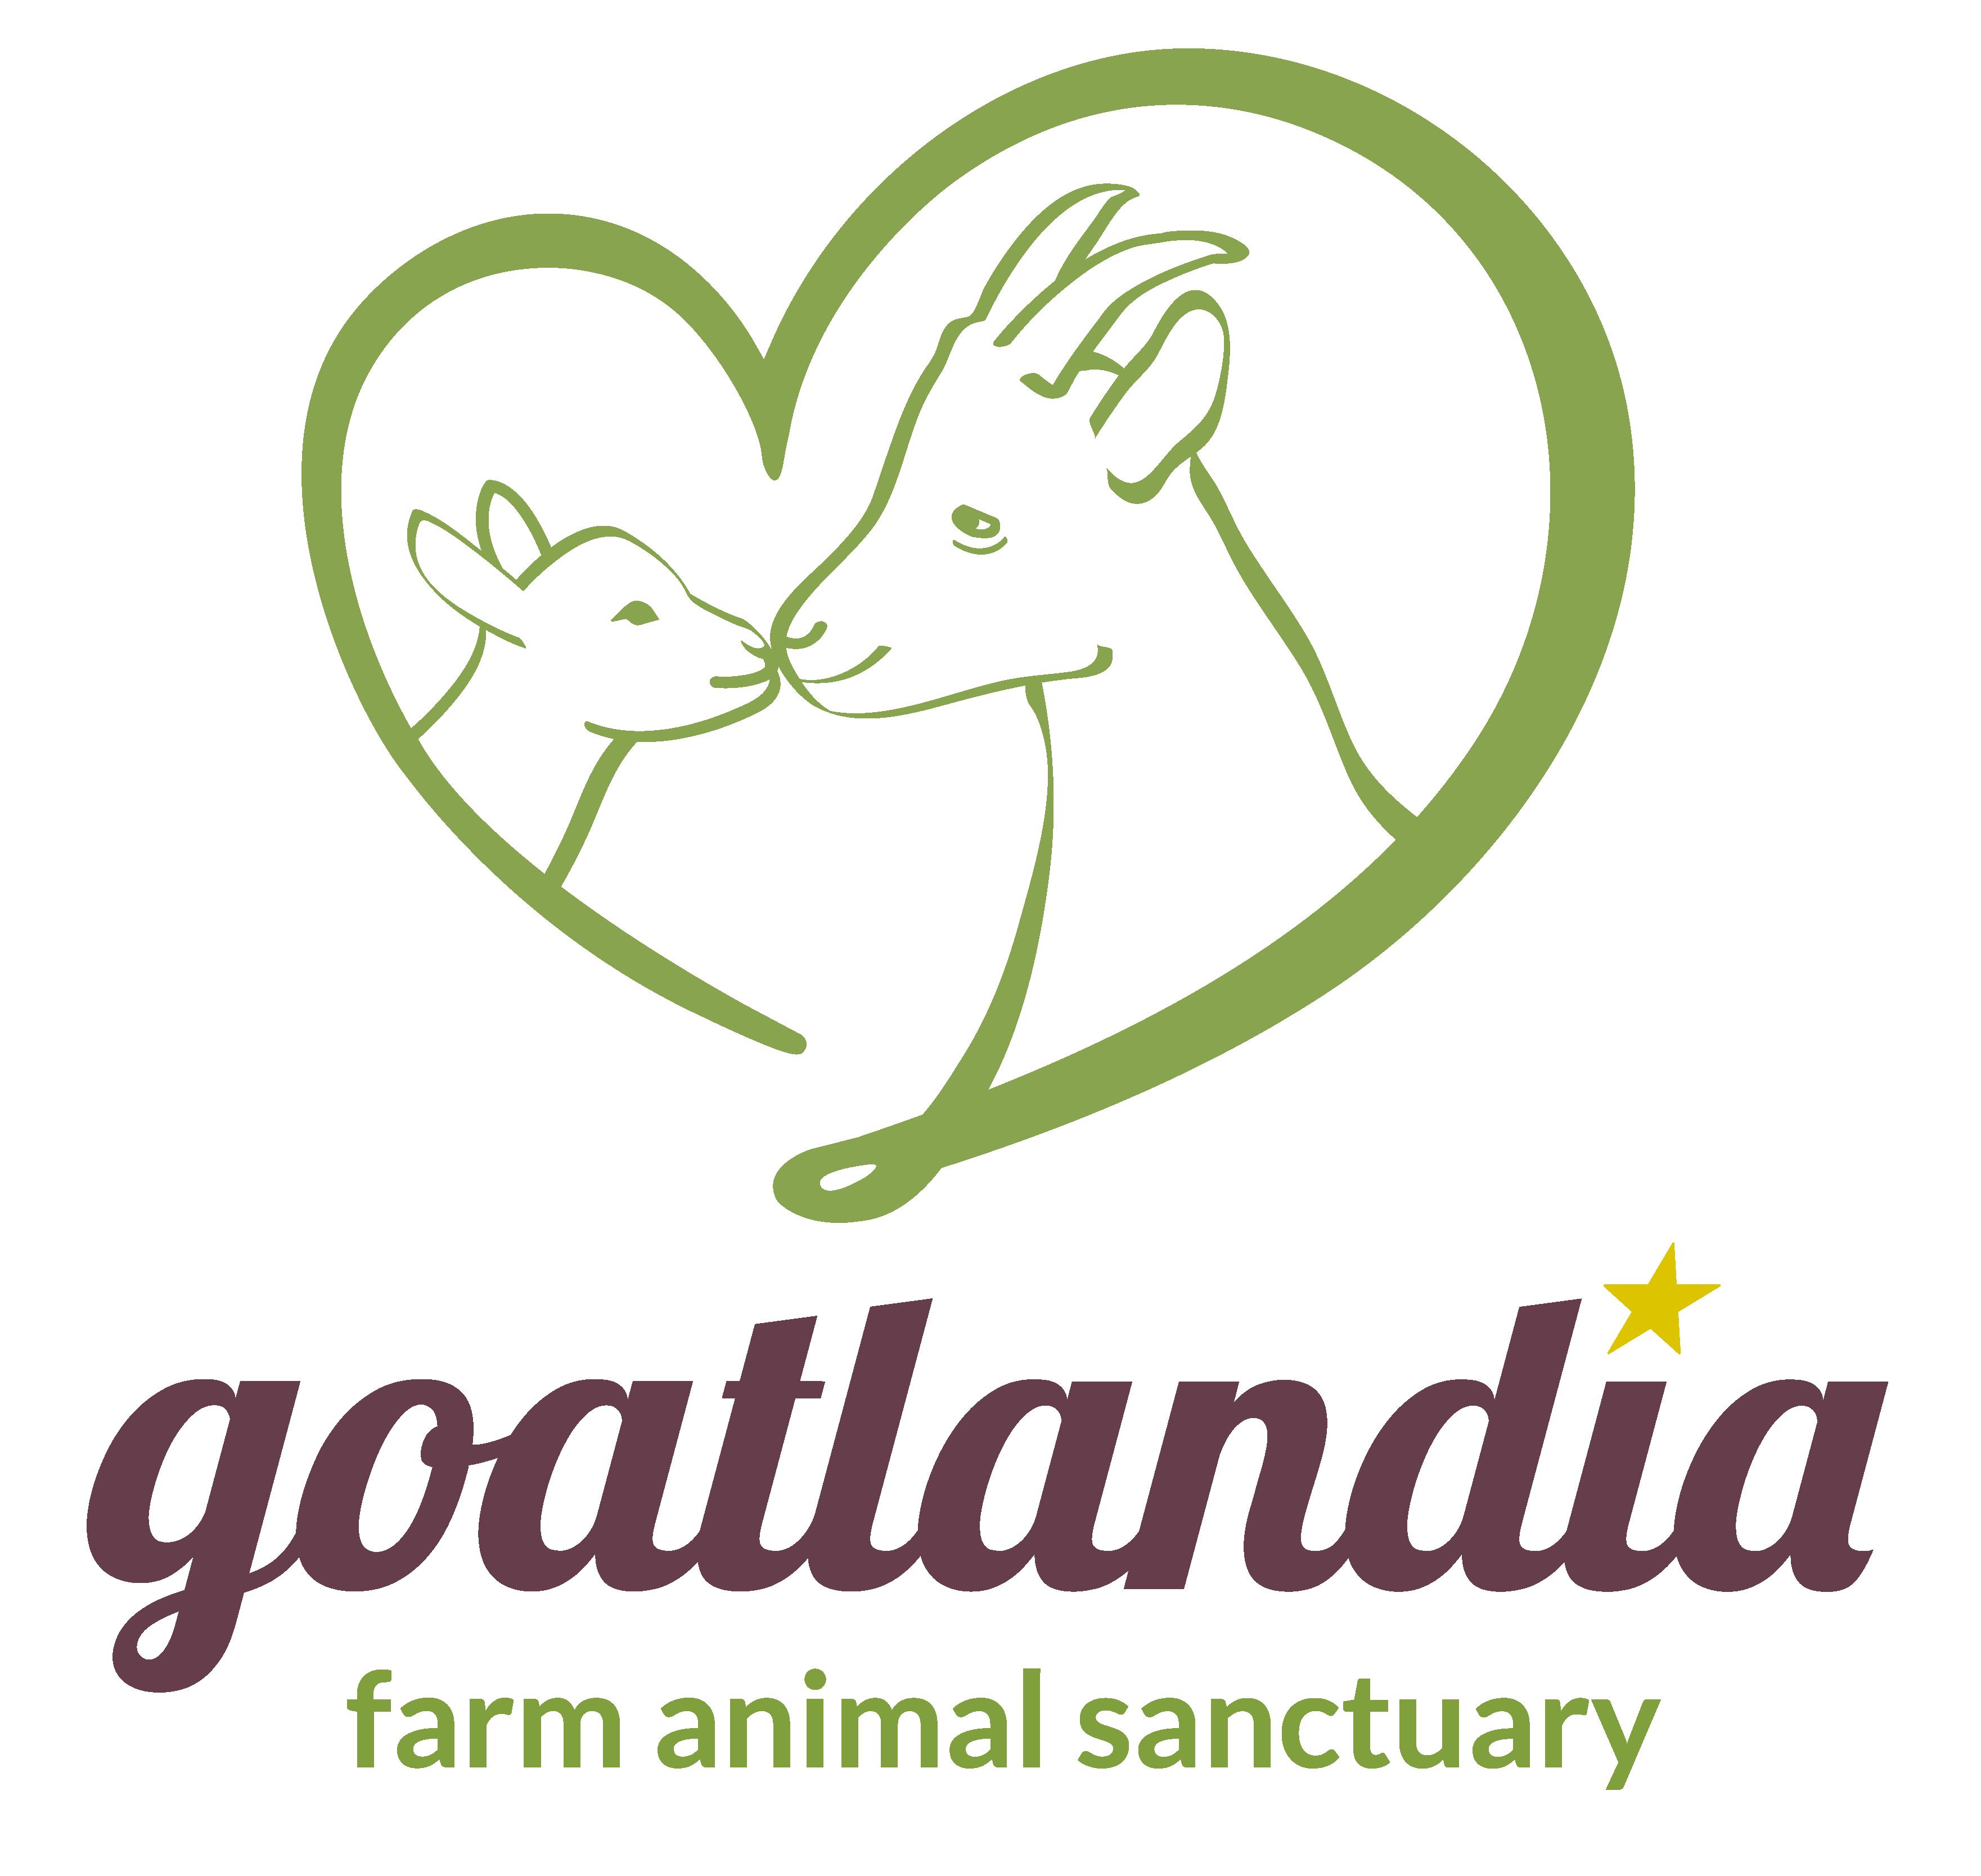 Goatlandia Farm Animal Sanctuary